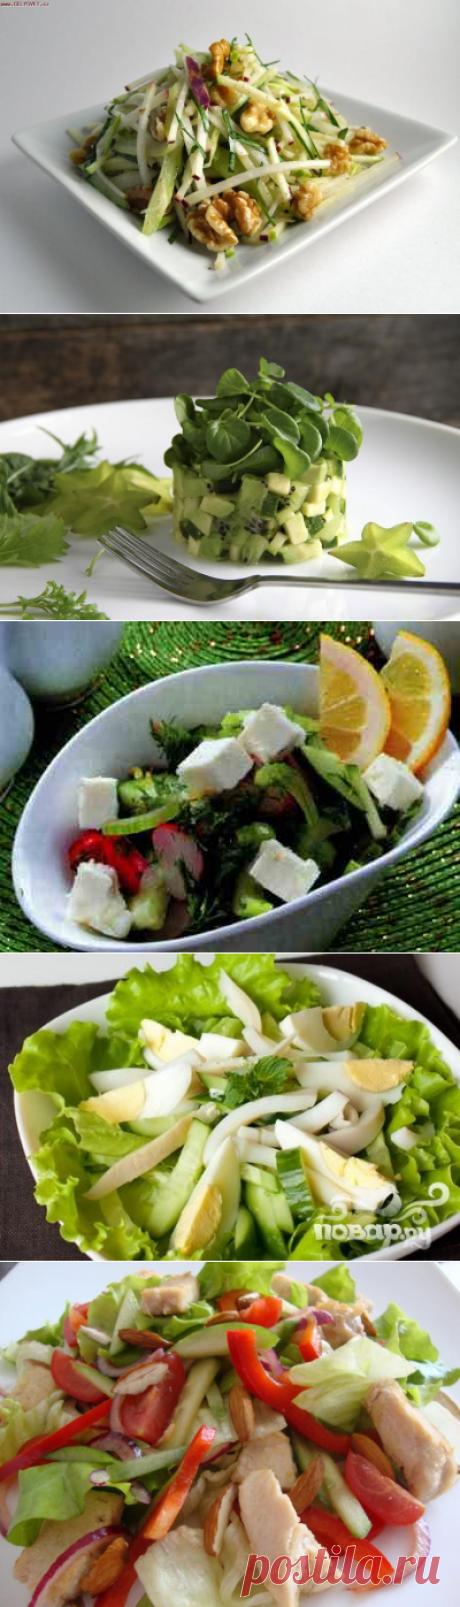 Топ-5 идей салатов для легкого ужина